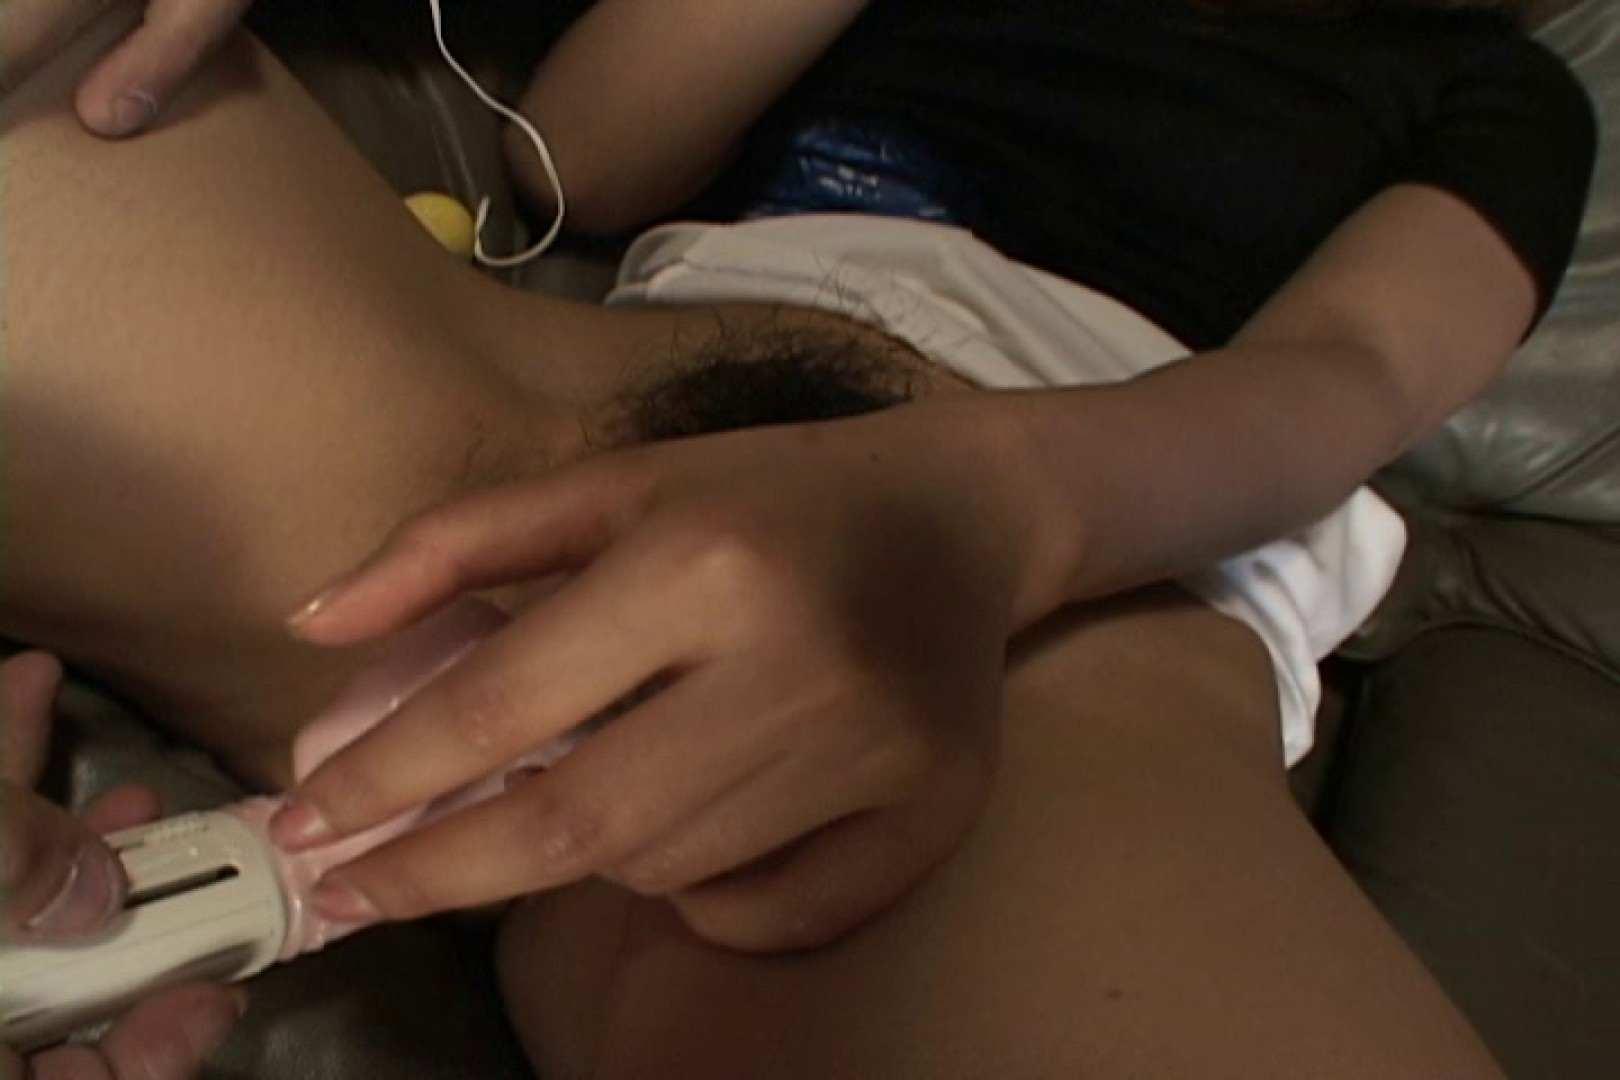 昼間の奥様は欲求不満 ~桜田&小山~ ローター | 熟女のエッチ  104pic 93